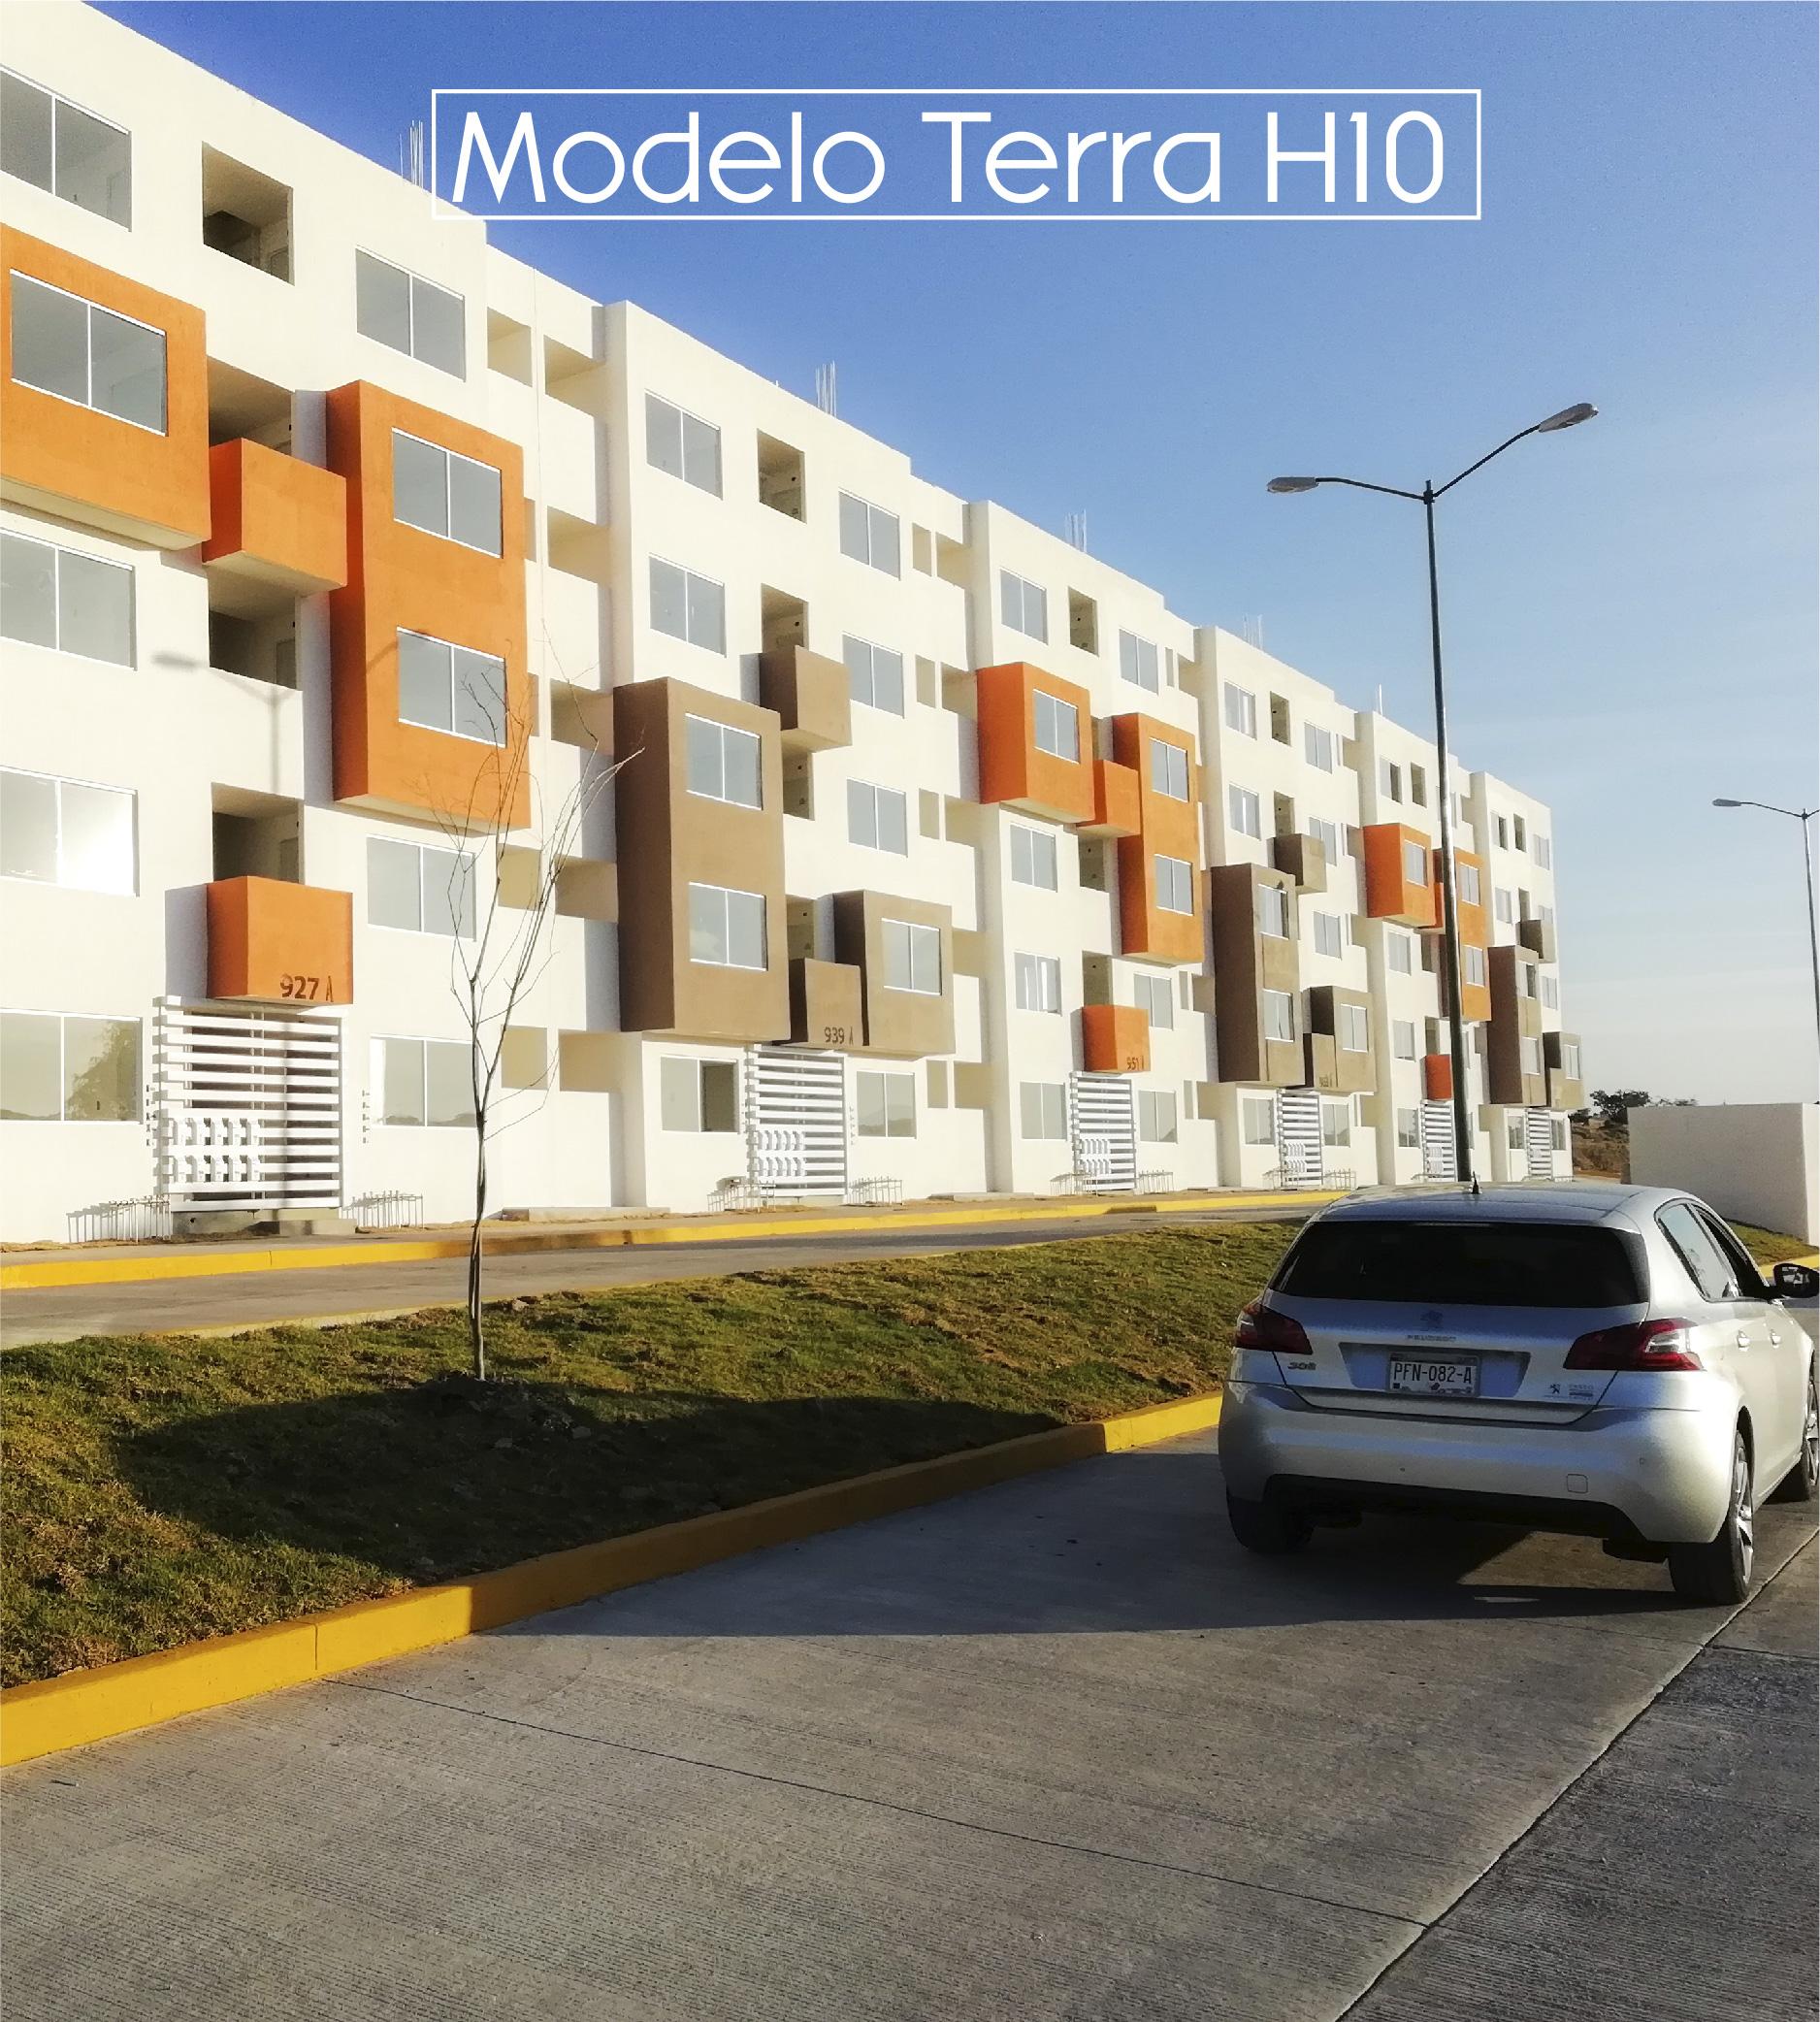 Modelo Terra- VILLAS ORIENTE-HOGARES HERSO-01